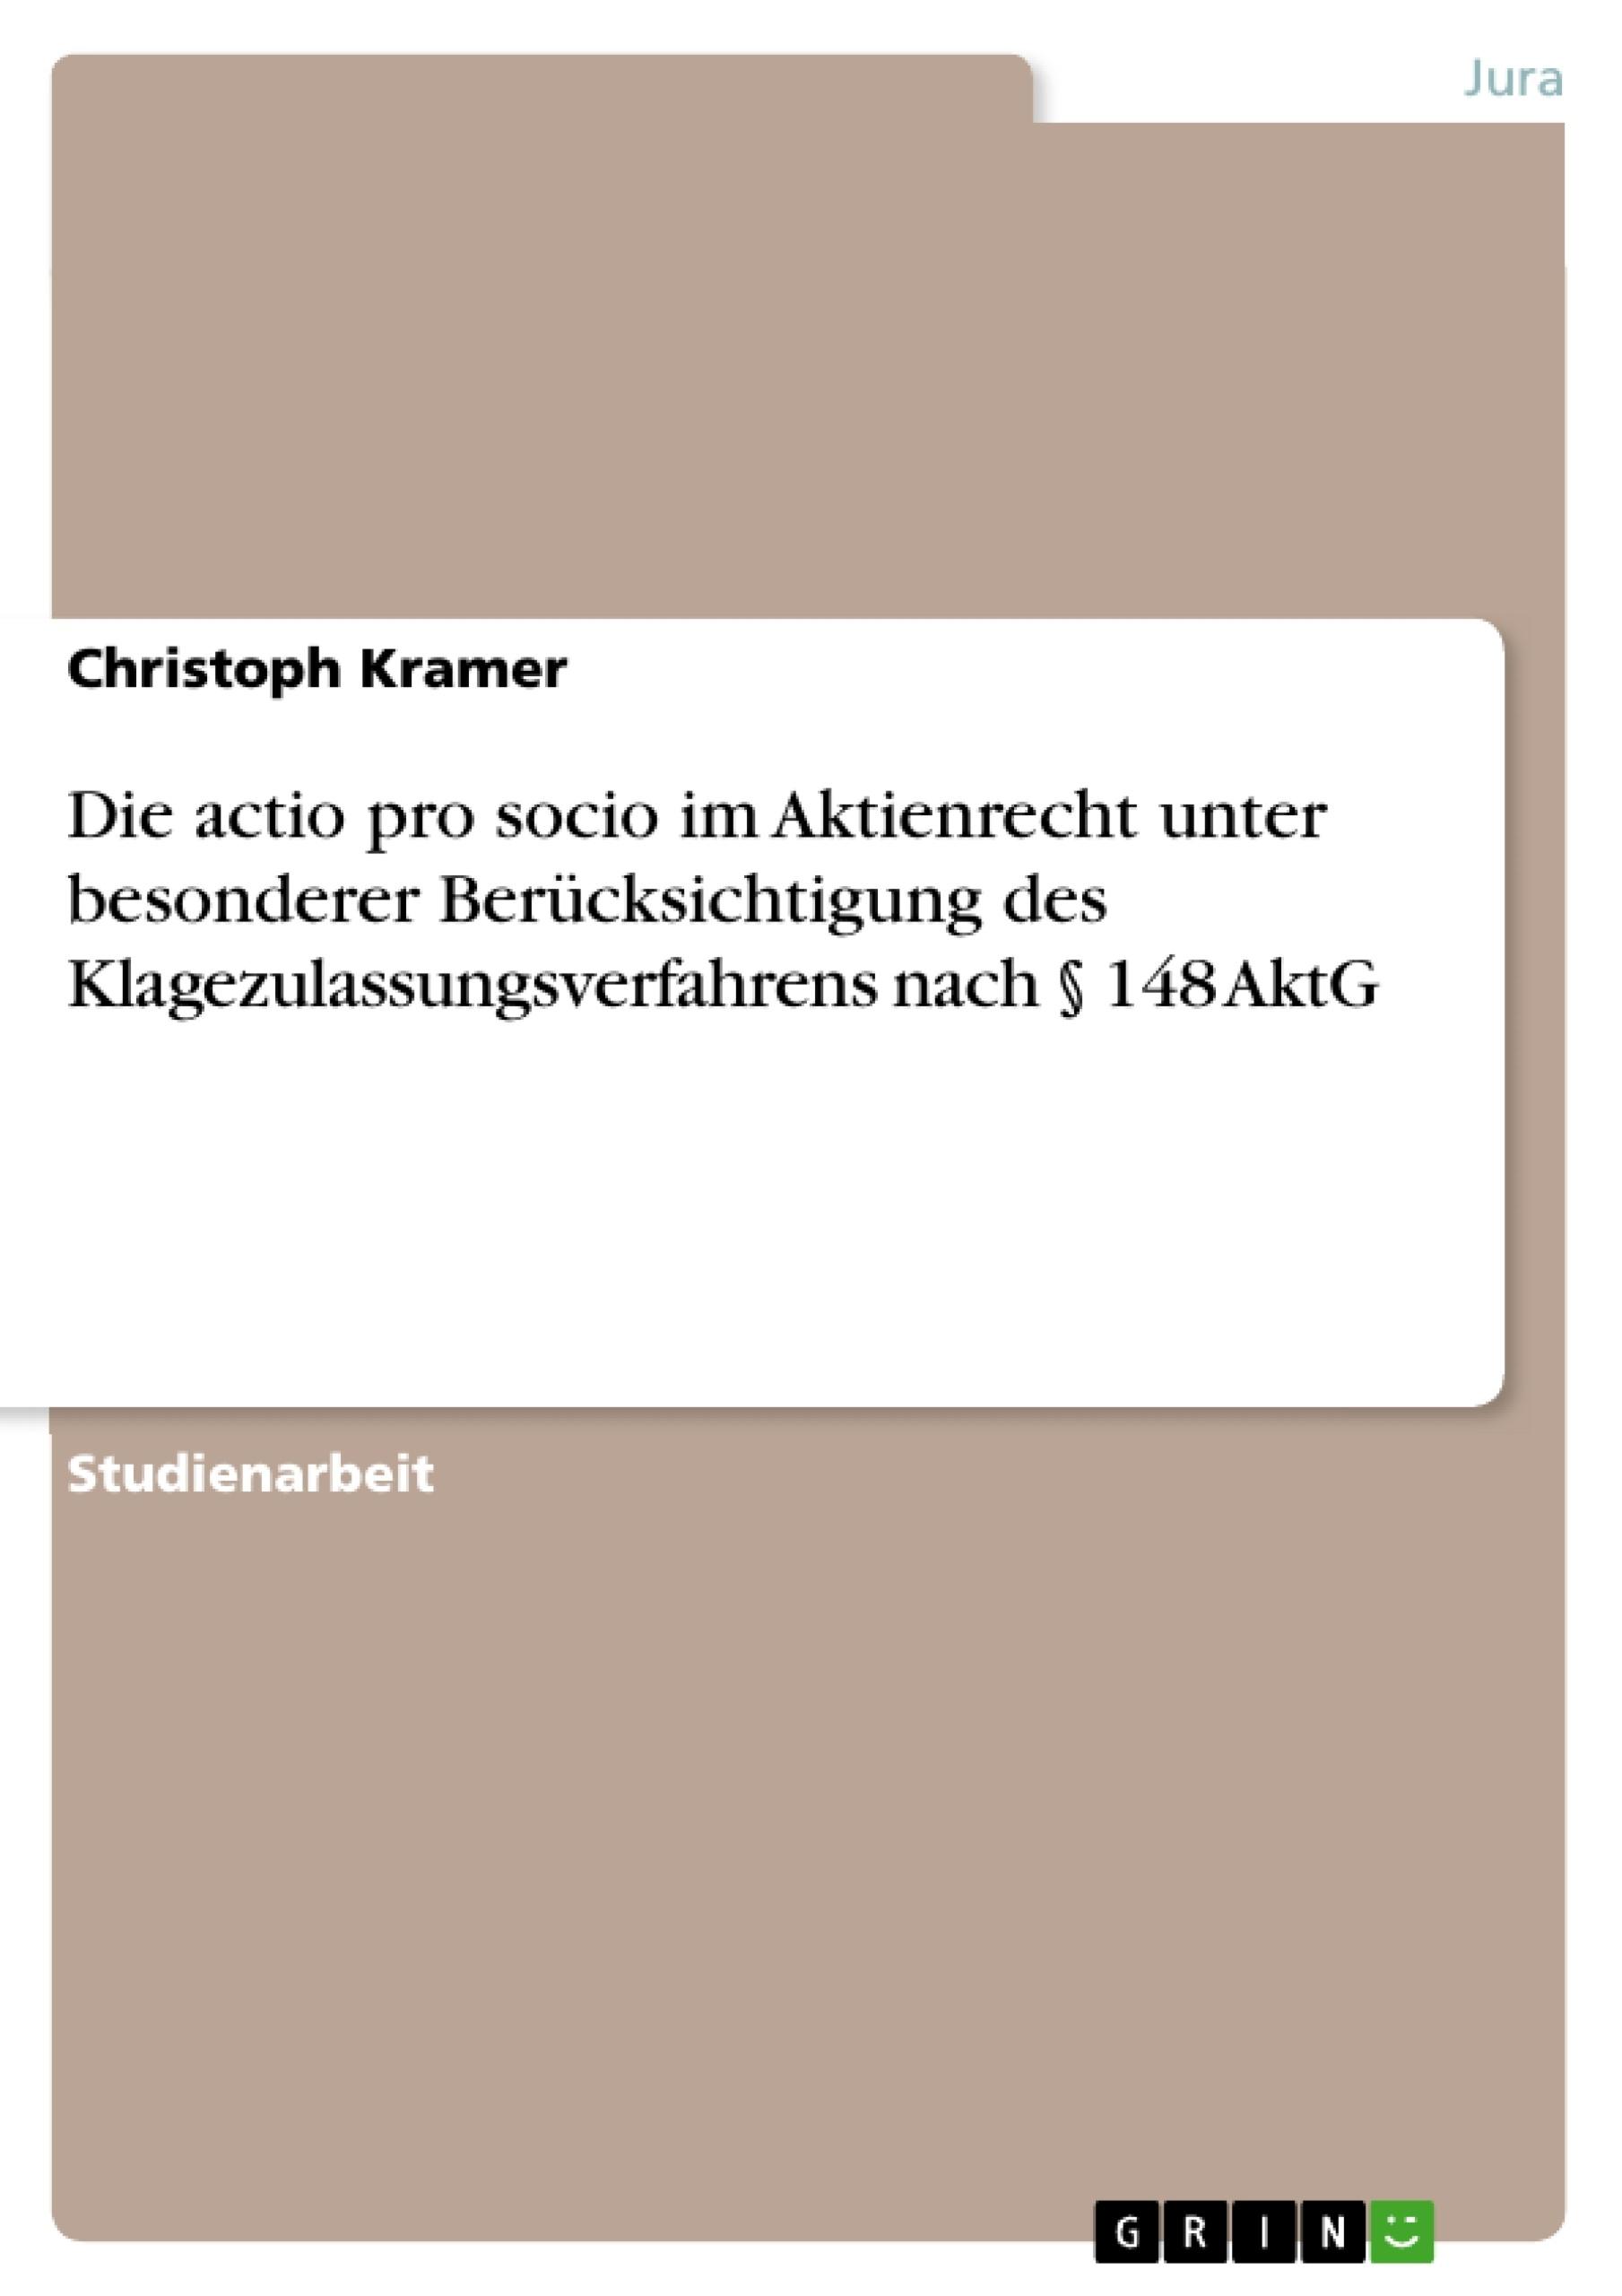 Titel: Die actio pro socio im Aktienrecht  unter besonderer Berücksichtigung des  Klagezulassungsverfahrens nach § 148 AktG